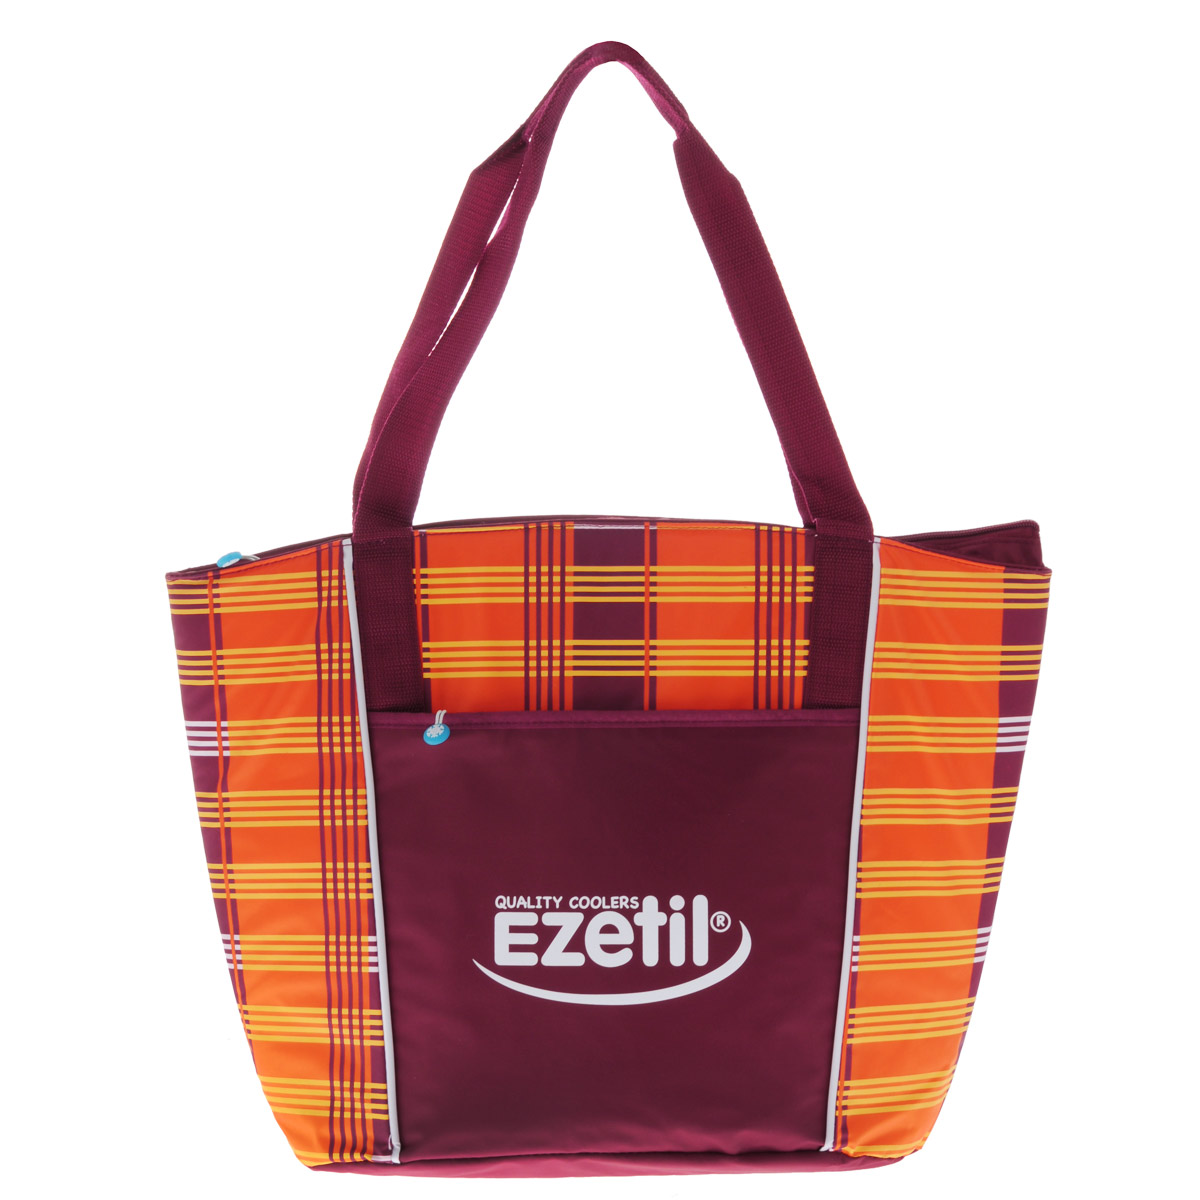 Сумка-холодильник Ezetil KC Lifestyle, цвет: оранжевый, бордовый, 25 л ezetil kc extreme 16